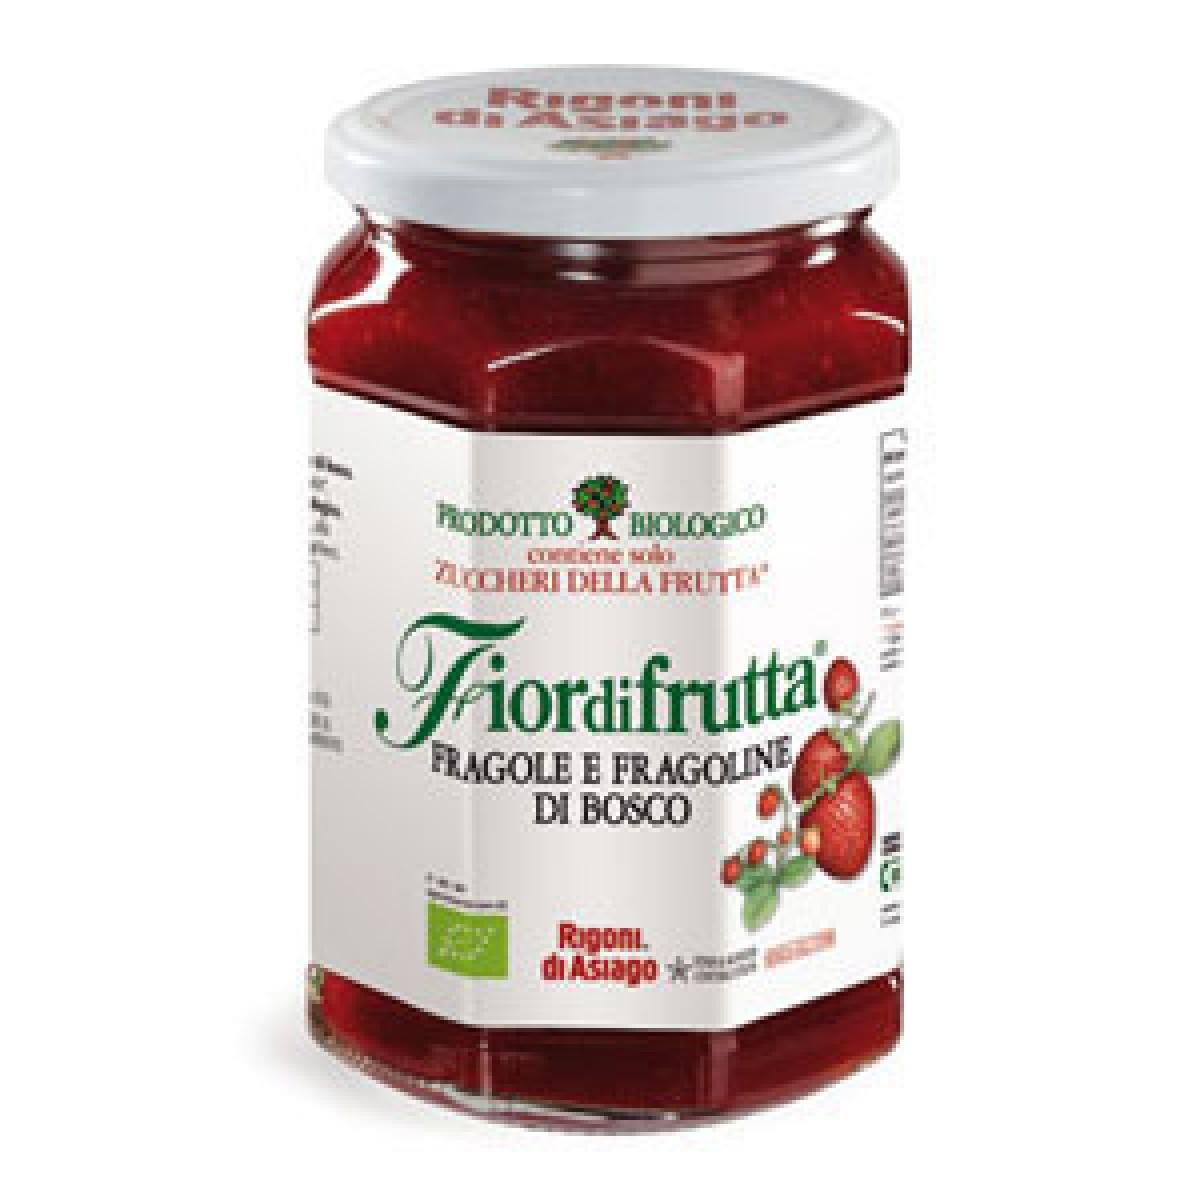 Confettura bio alla fragola rigoni rigoni di asiago for Asiago offerte